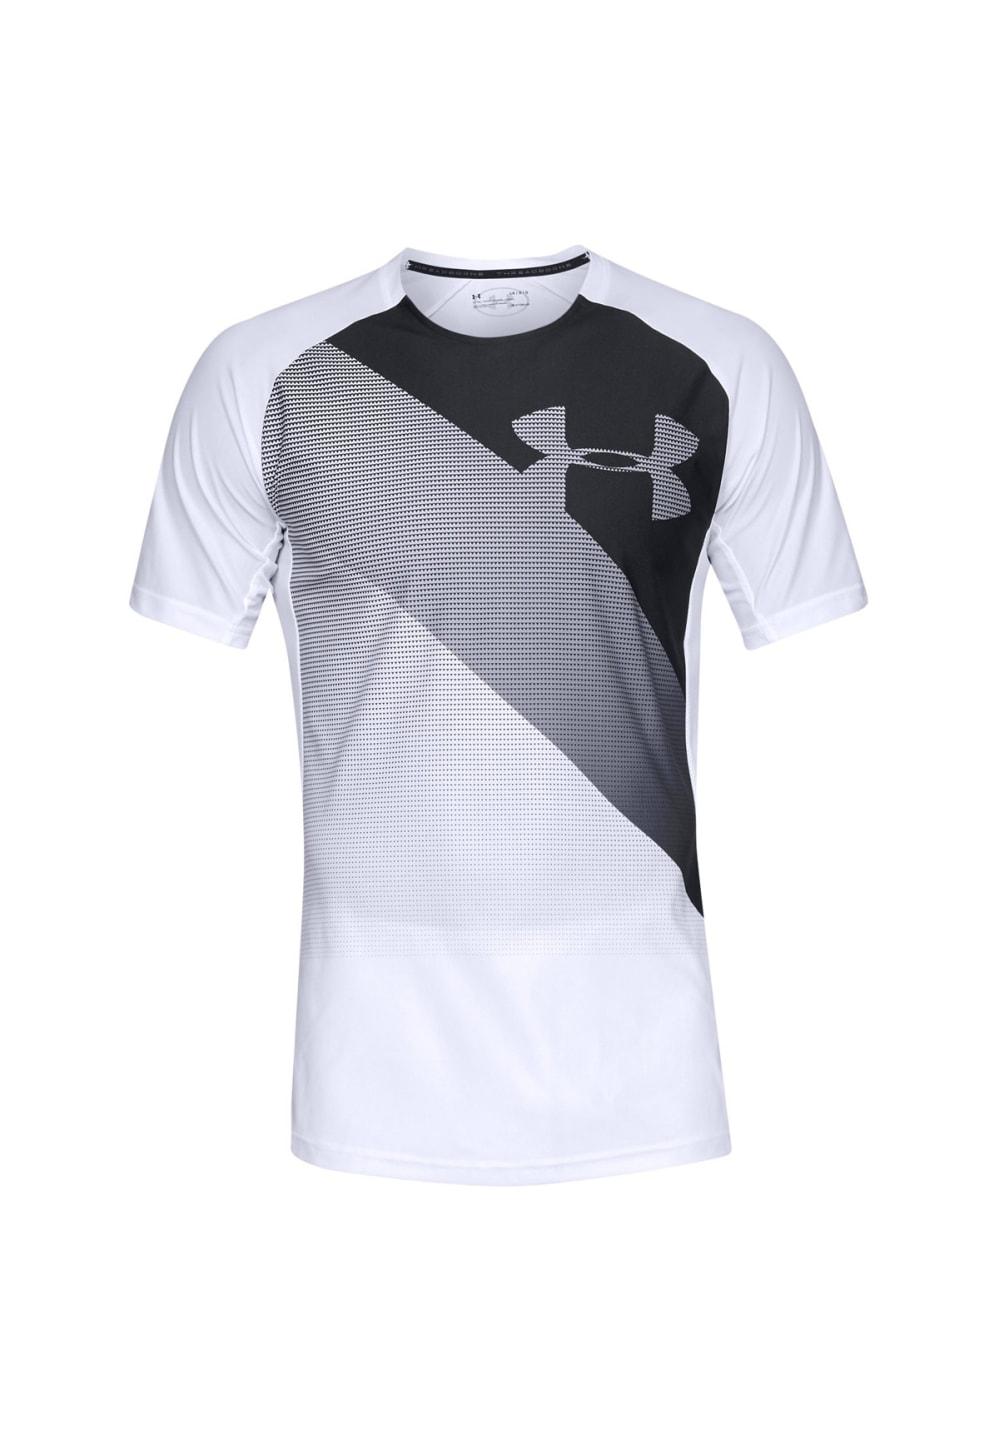 c17a02f968 Under Armour Threadborne Vanish Short Sleeve - Fitness tops for Men - White